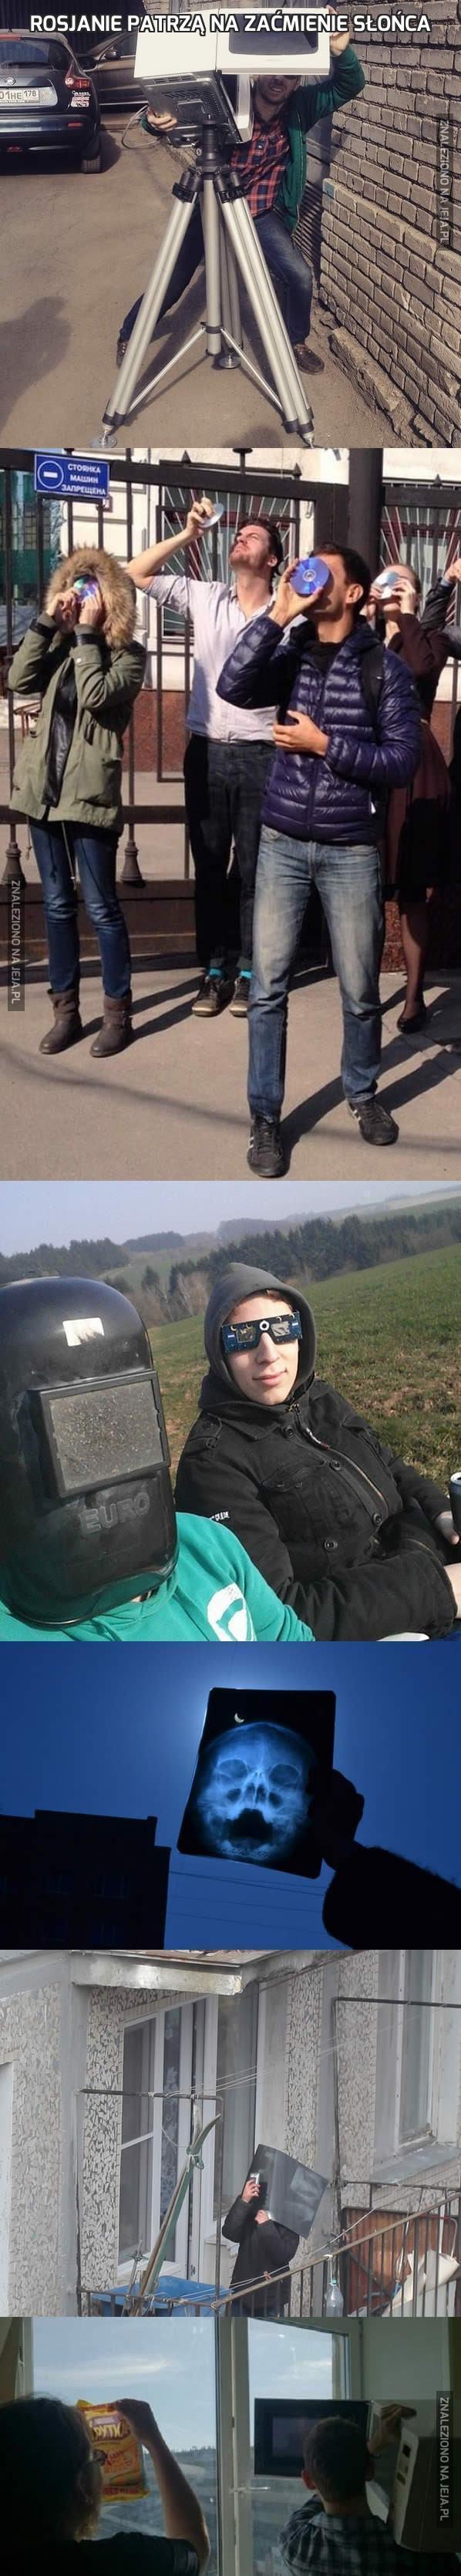 Rosjanie patrzą na zaćmienie Słońca